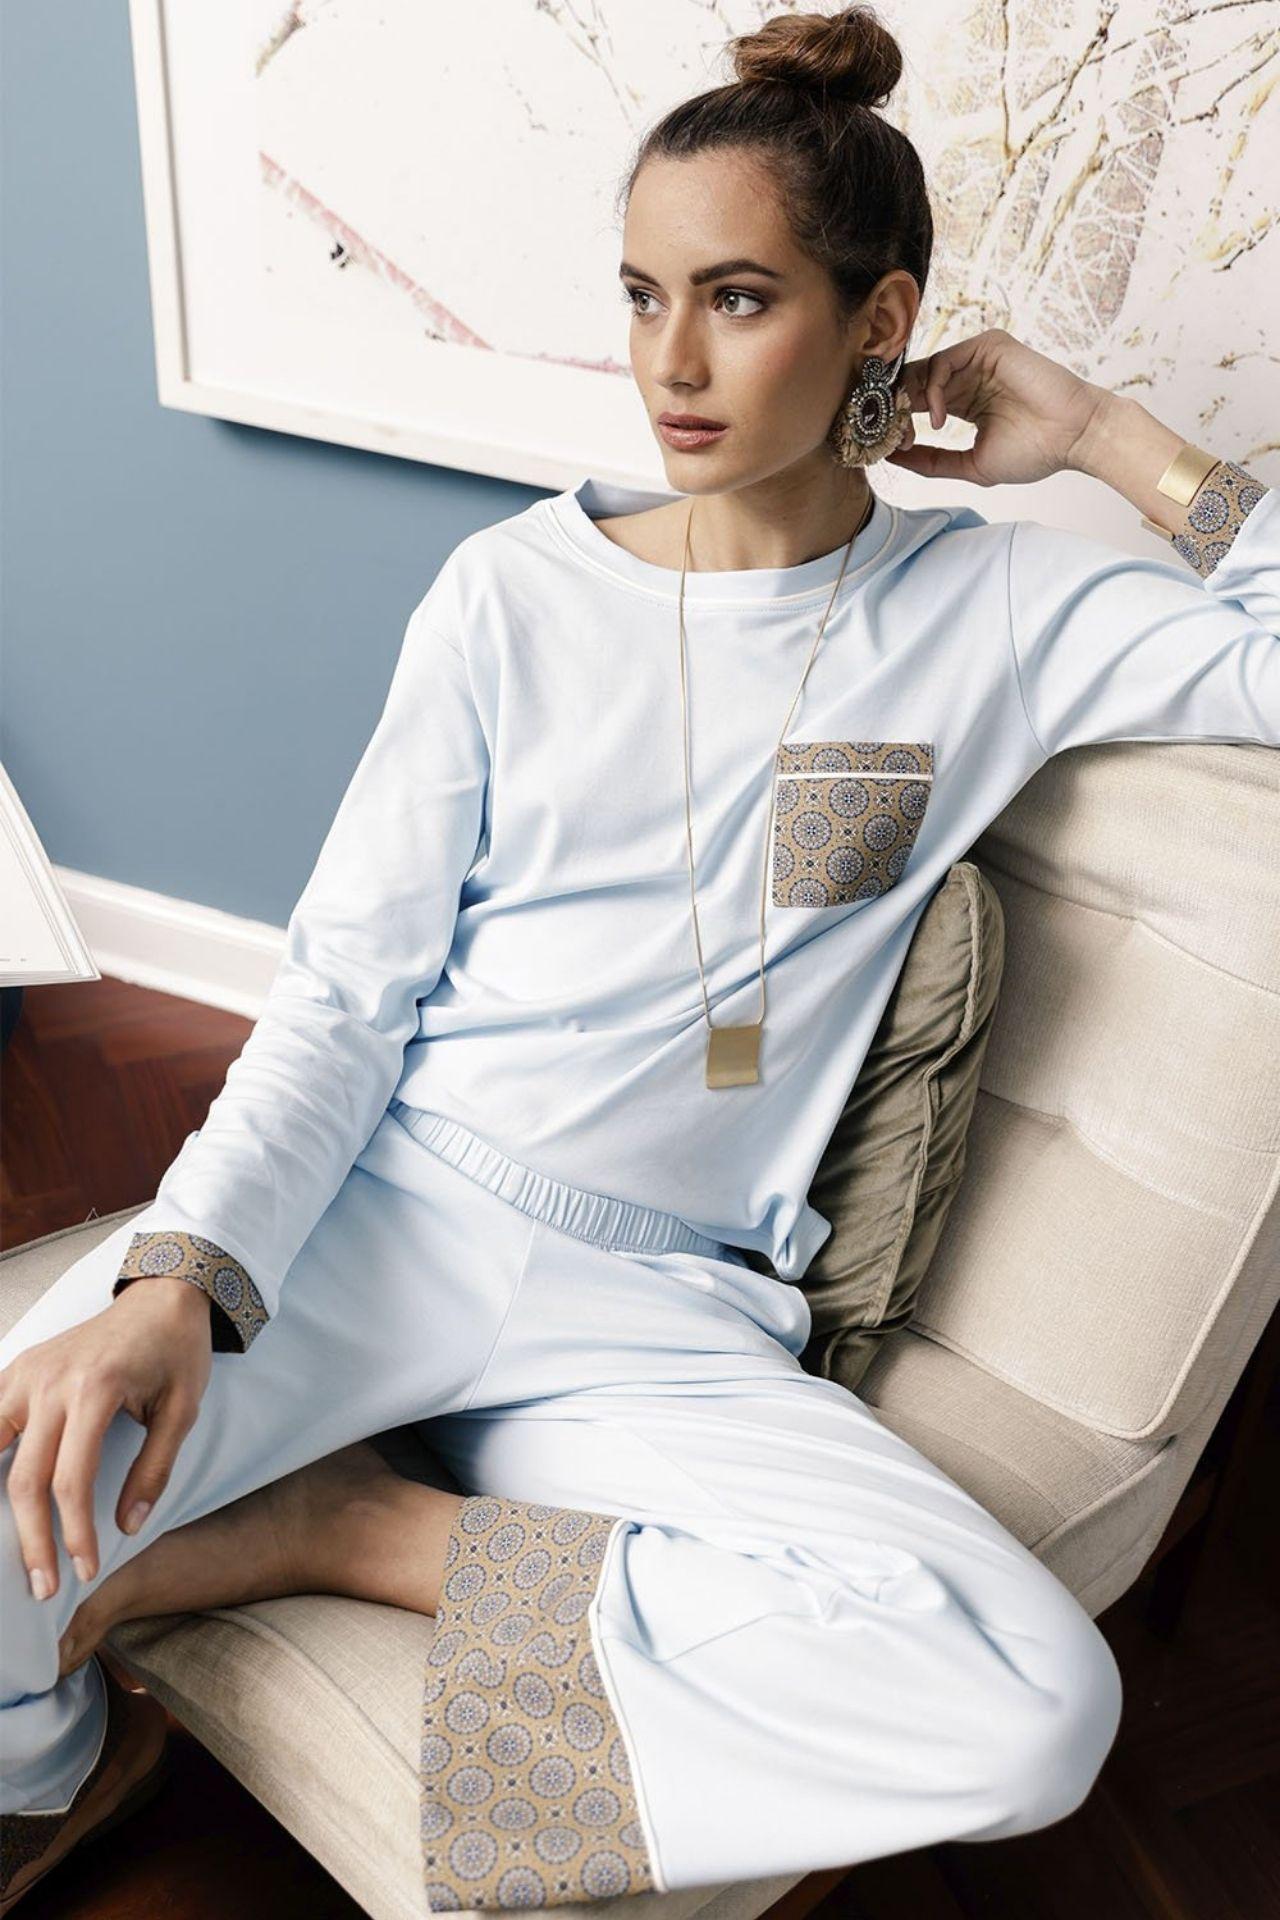 Único y especial. Nuestro pijama Cloe te envolverá con la suavidad del algodón pima en color celeste que se combinan con piezas en estampado contraste con inspiración mediterránea.